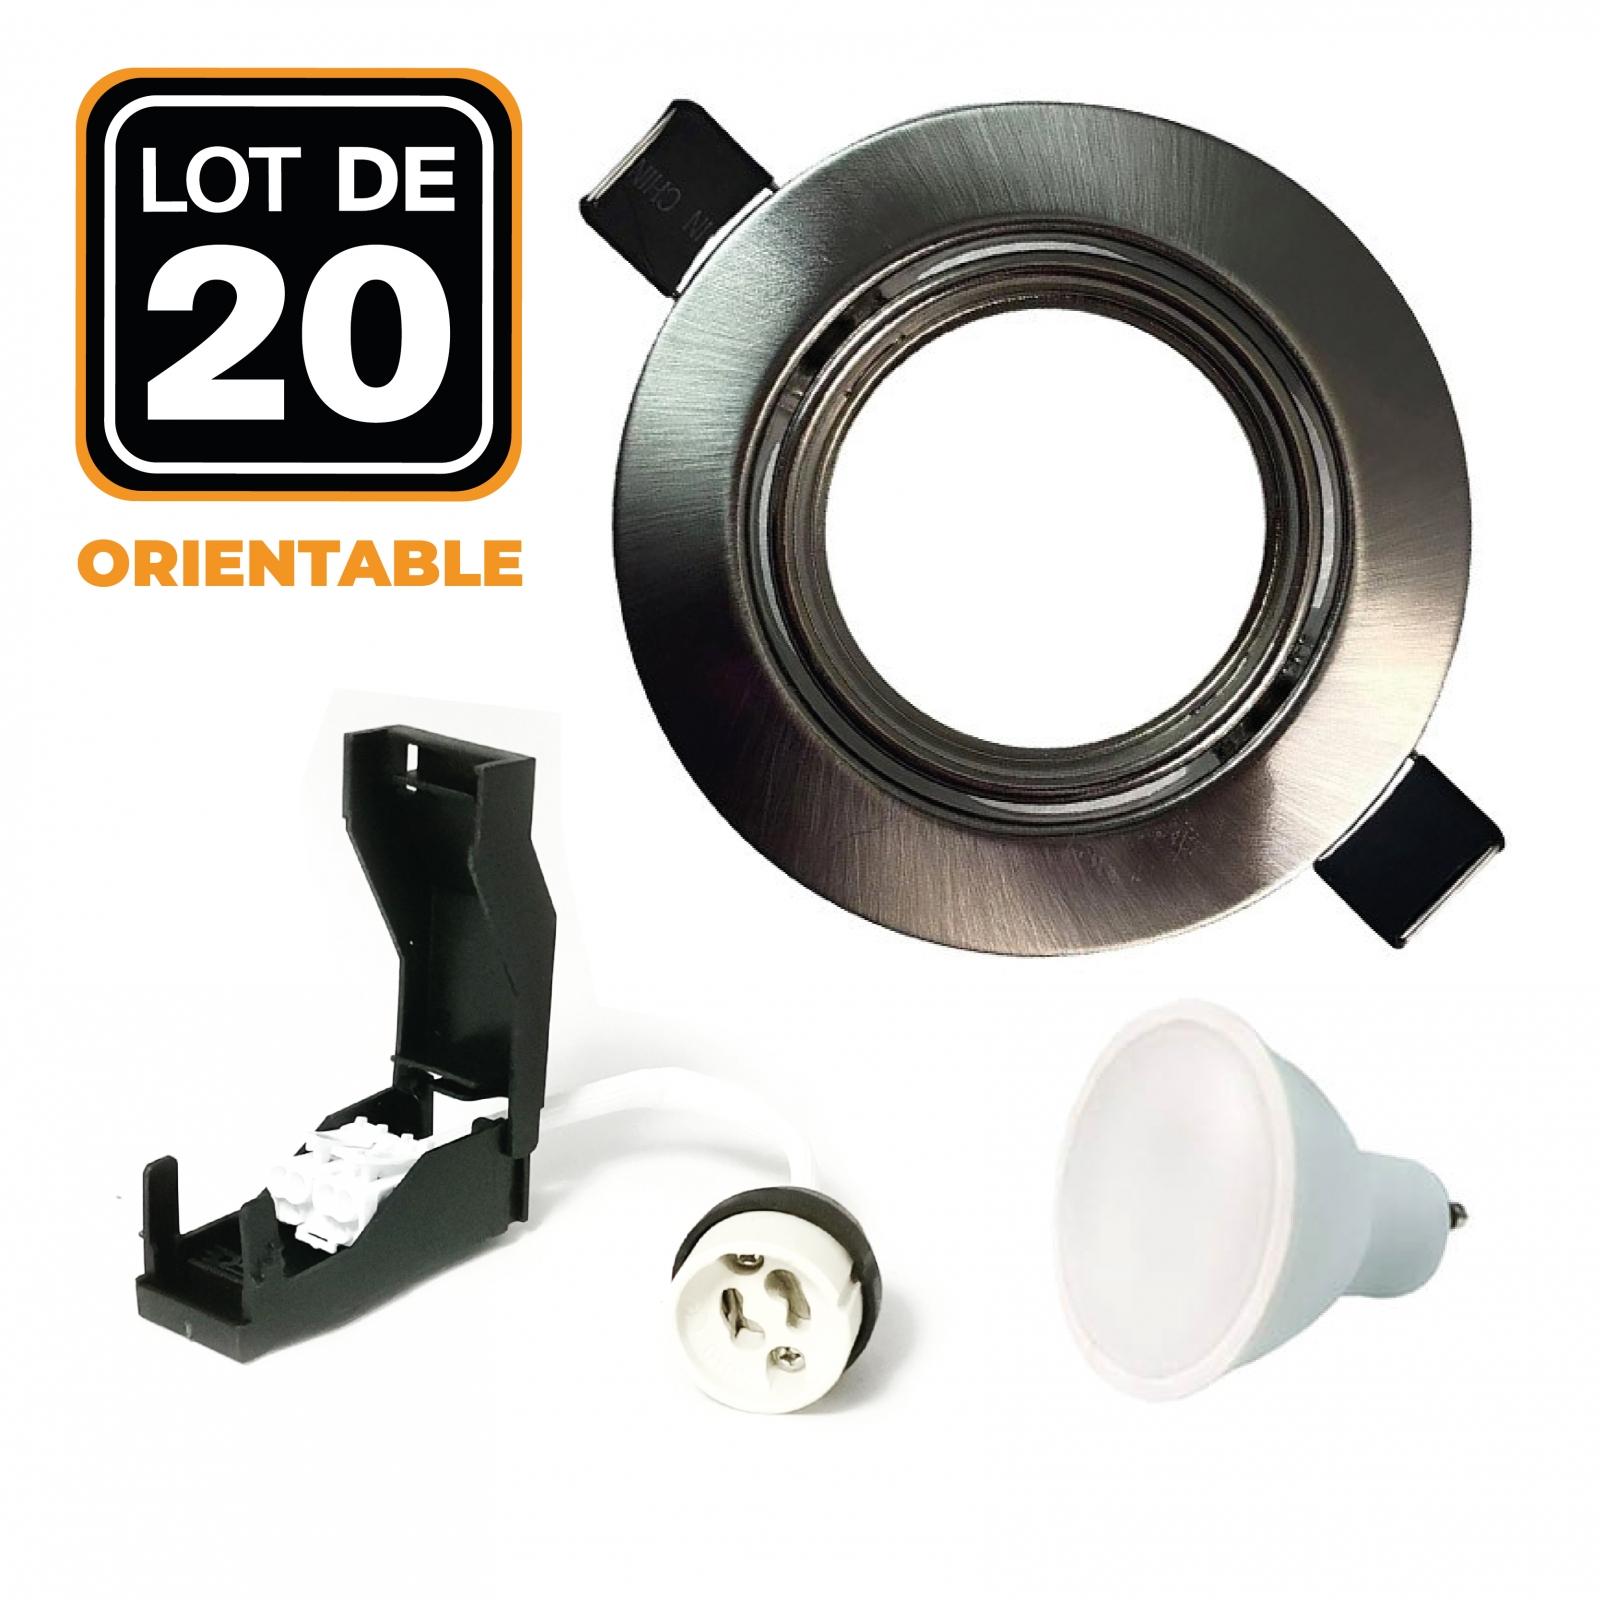 Lot de 20 Spots encastrable orientable ALU BROSSÉ avec GU10 LED de 7W eqv. 56W